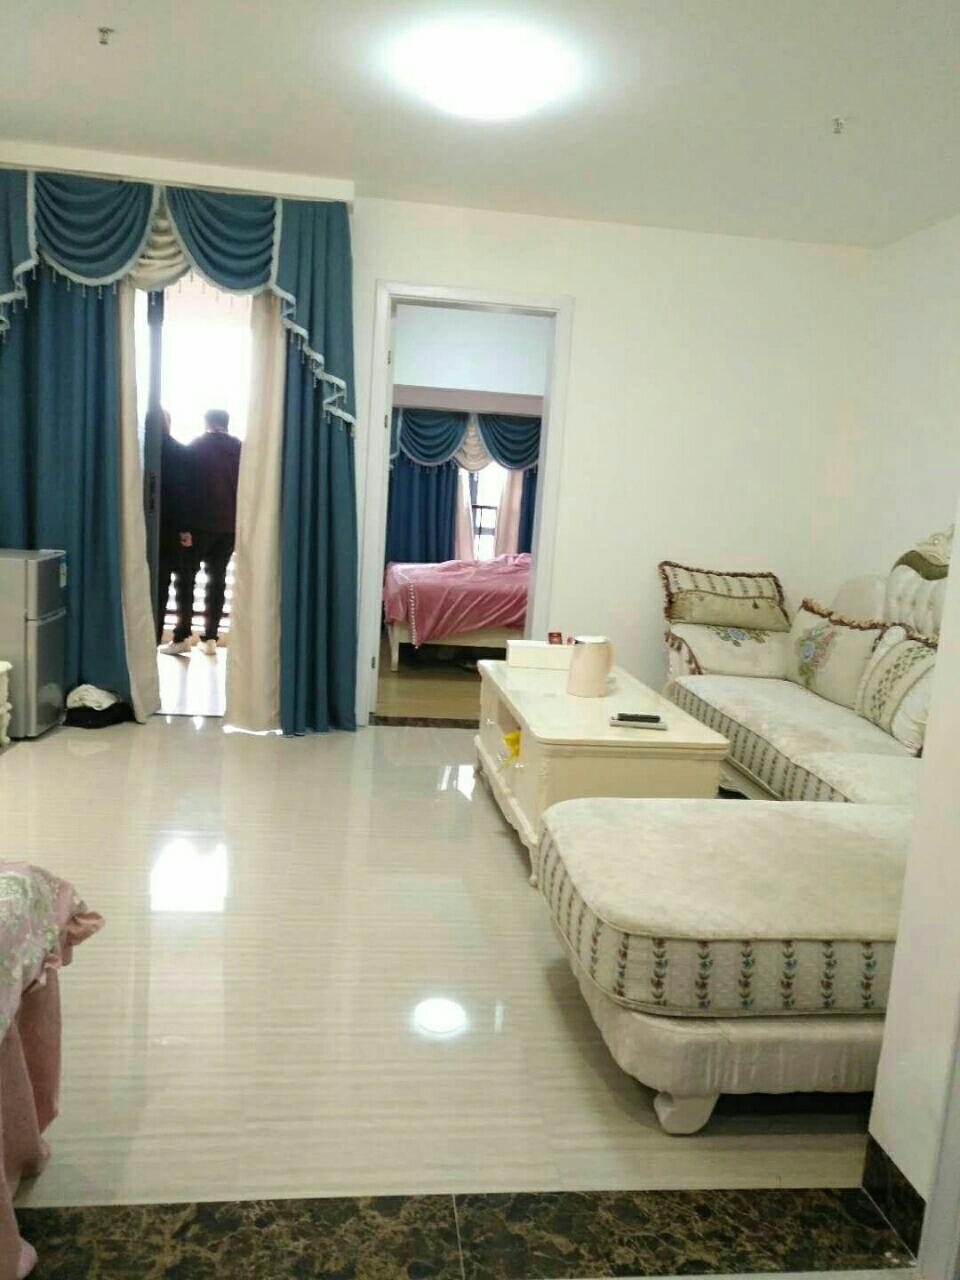 水榭丹堤1室1厅1卫40万元